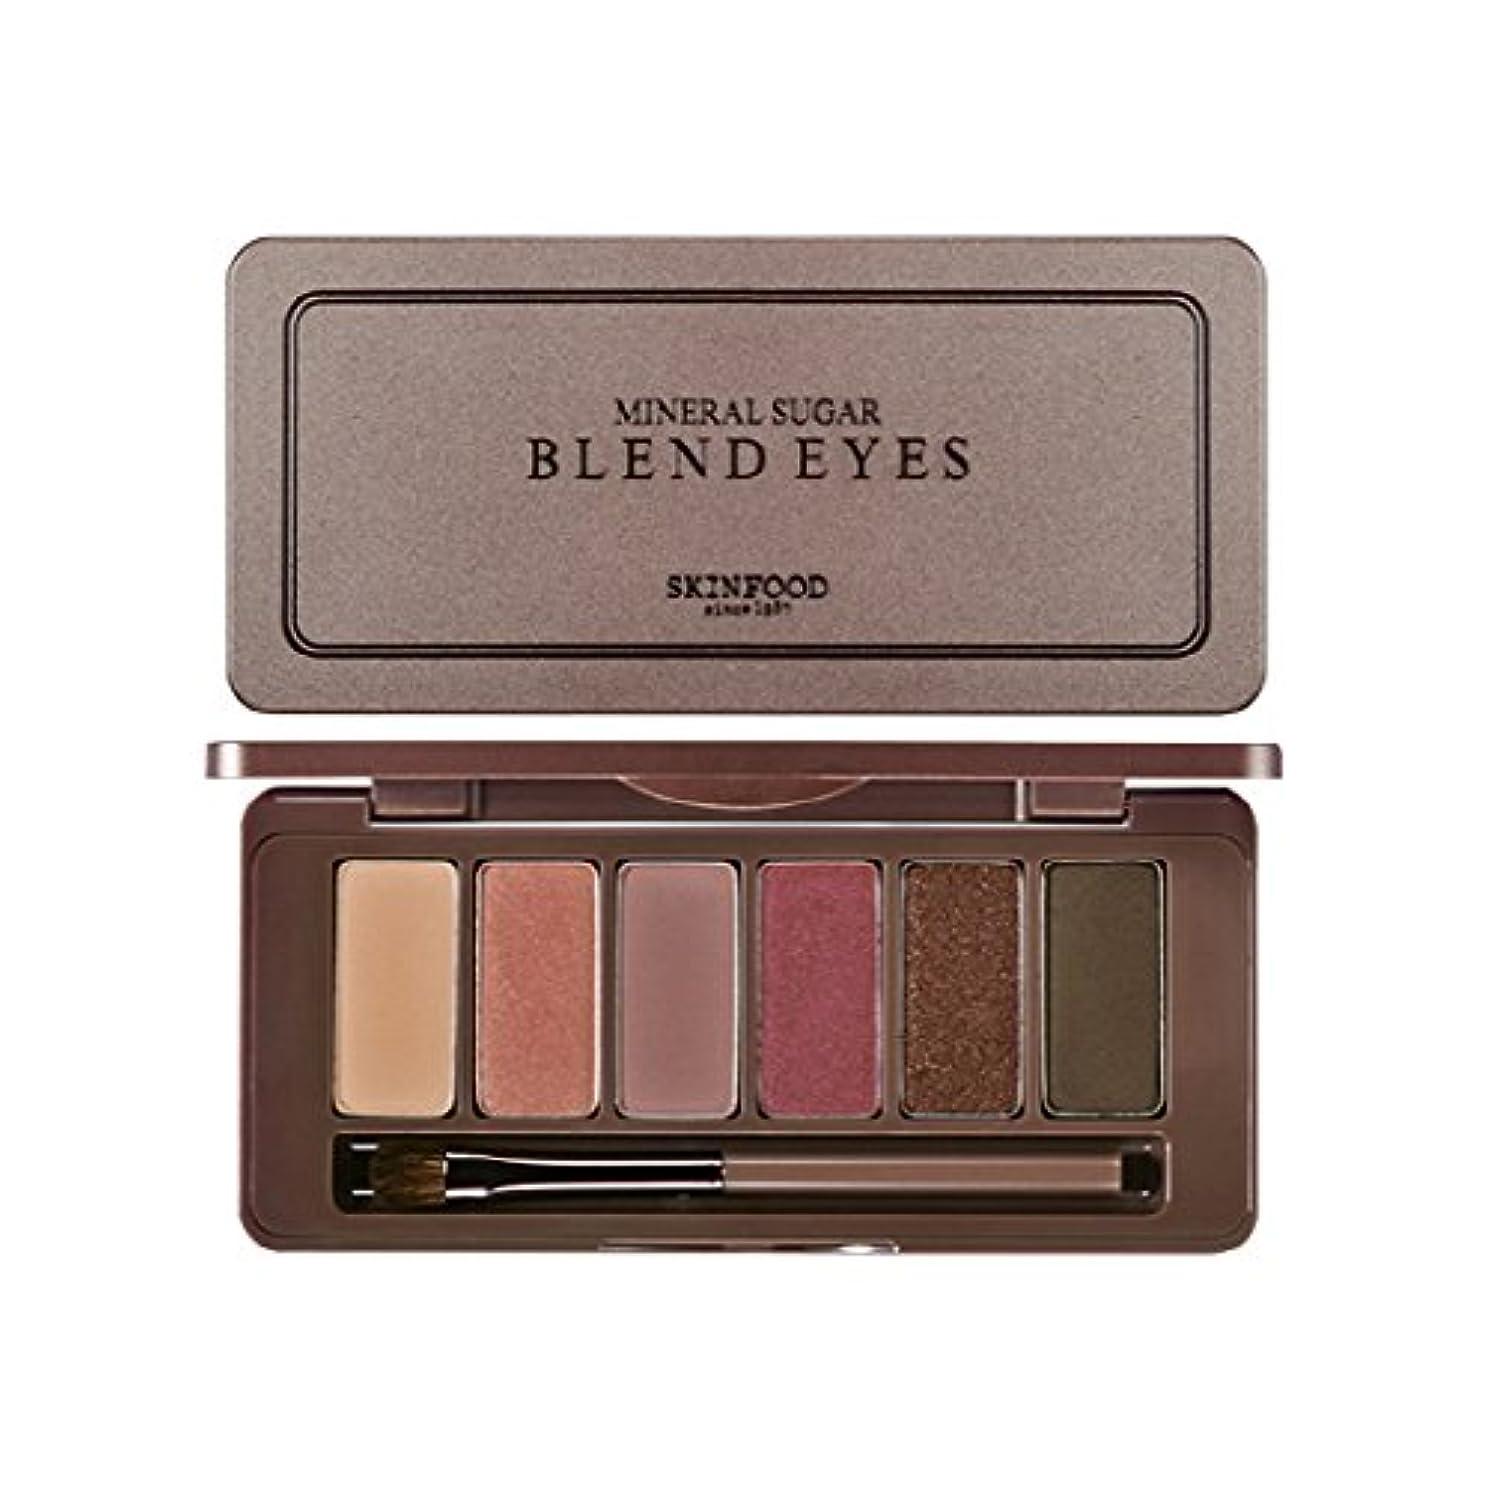 秋浸したエキスSKINFOOD Mineral Sugar Blend Eyes/スキンフード ミネラル シュガー ブレンド アイズ (#05 Mousse Au Plum Chocolat) [並行輸入品]